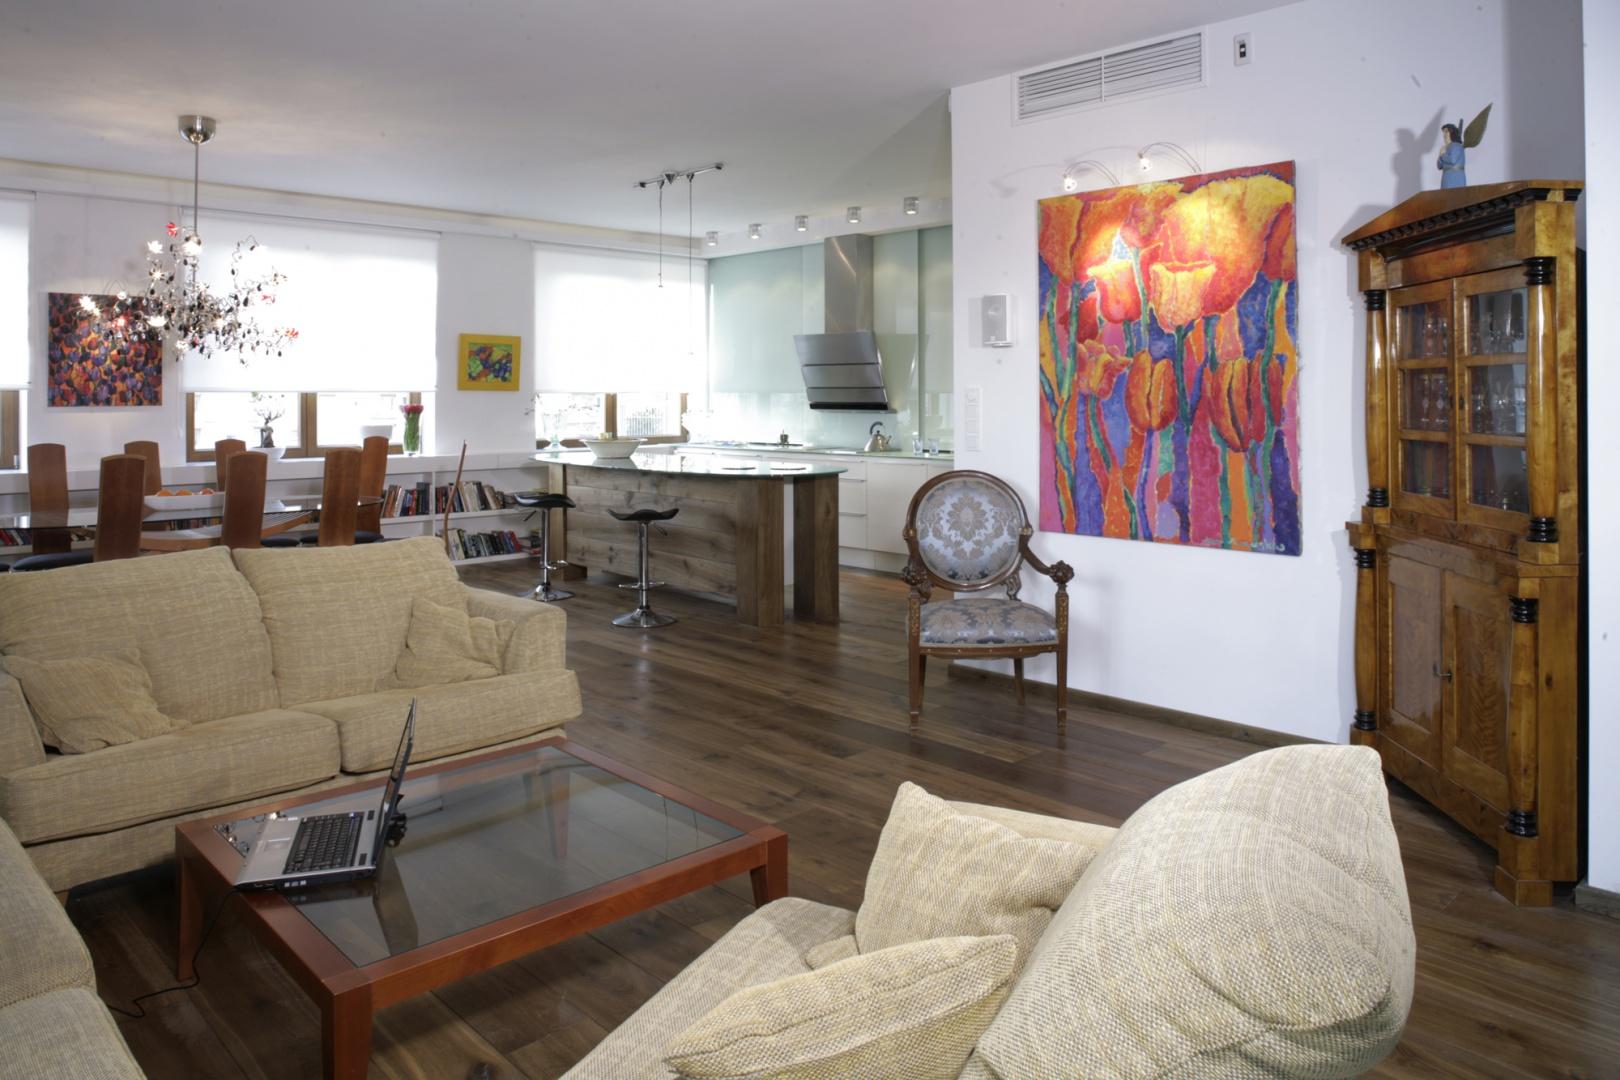 Salon, jadalnia i kuchnia zajmują większą część przestronnego apartamentu. Nowocześnie zaprojektowana przestrzeń została rozdysponowana pomiędzy kącik wypoczynkowy, dosyć sporą jadalnię oraz otwartą kuchnię, urządzoną w high-techowym stylu. Fot. Monika Filipiuk.